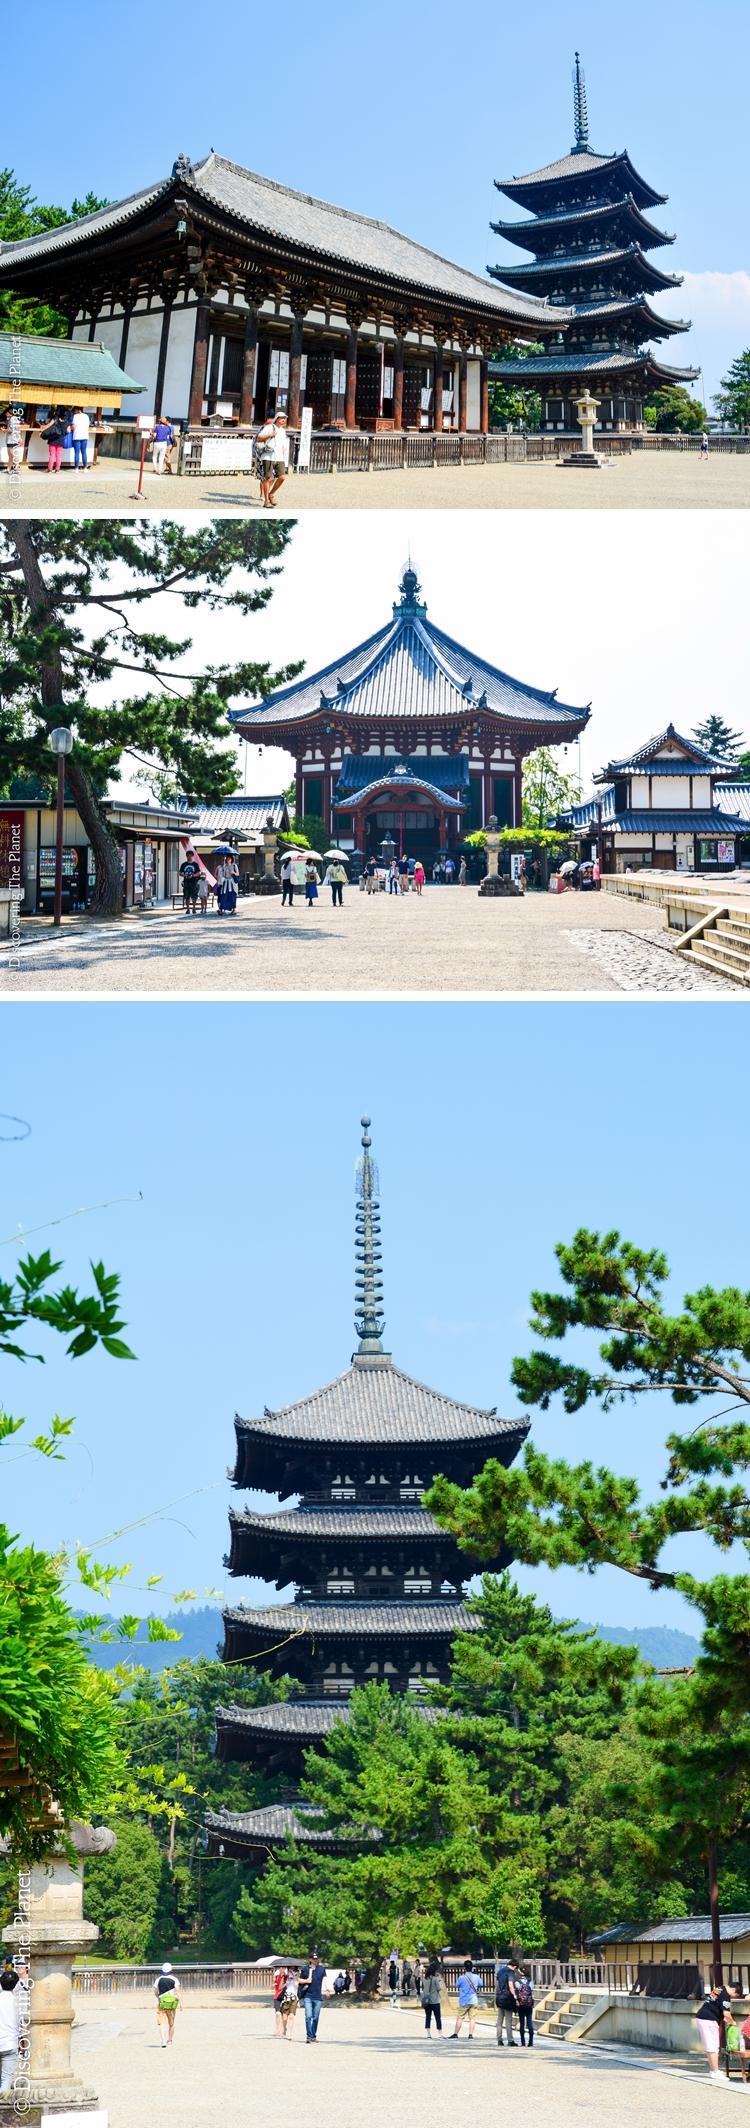 Japan, Nara 9